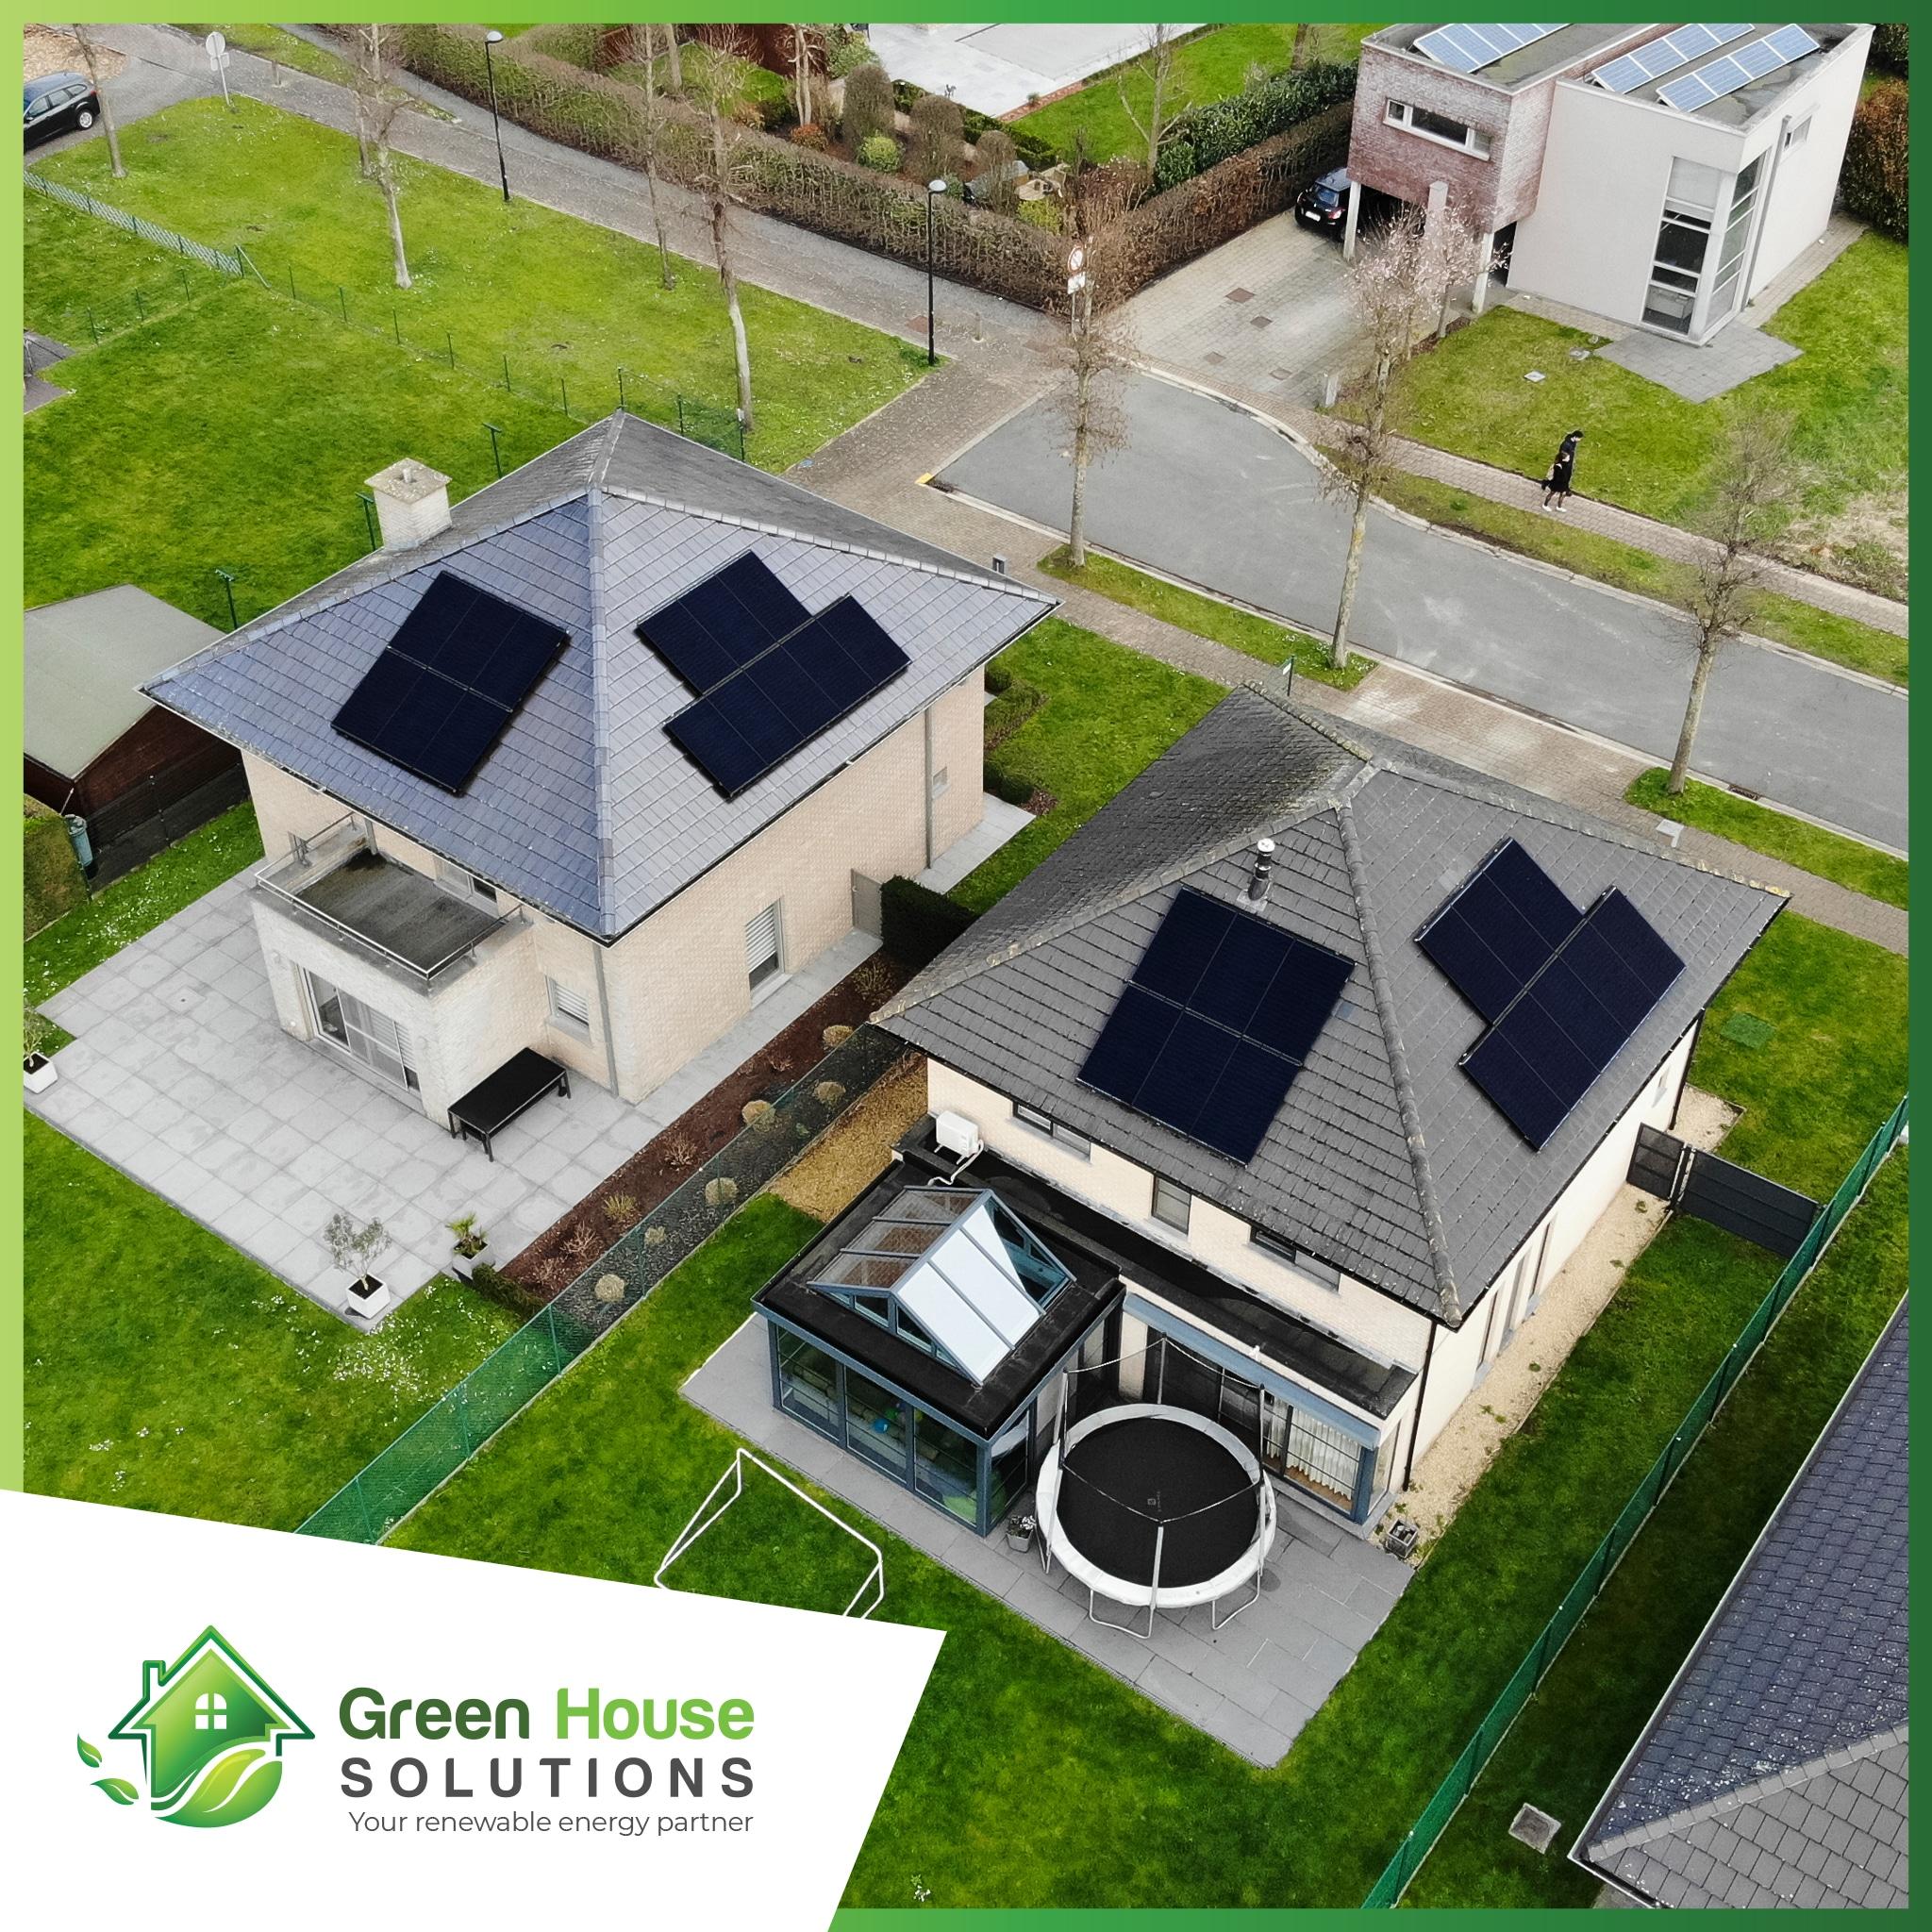 Green House Solutions zonnepanelen plaatsen installeren of kopen 00037